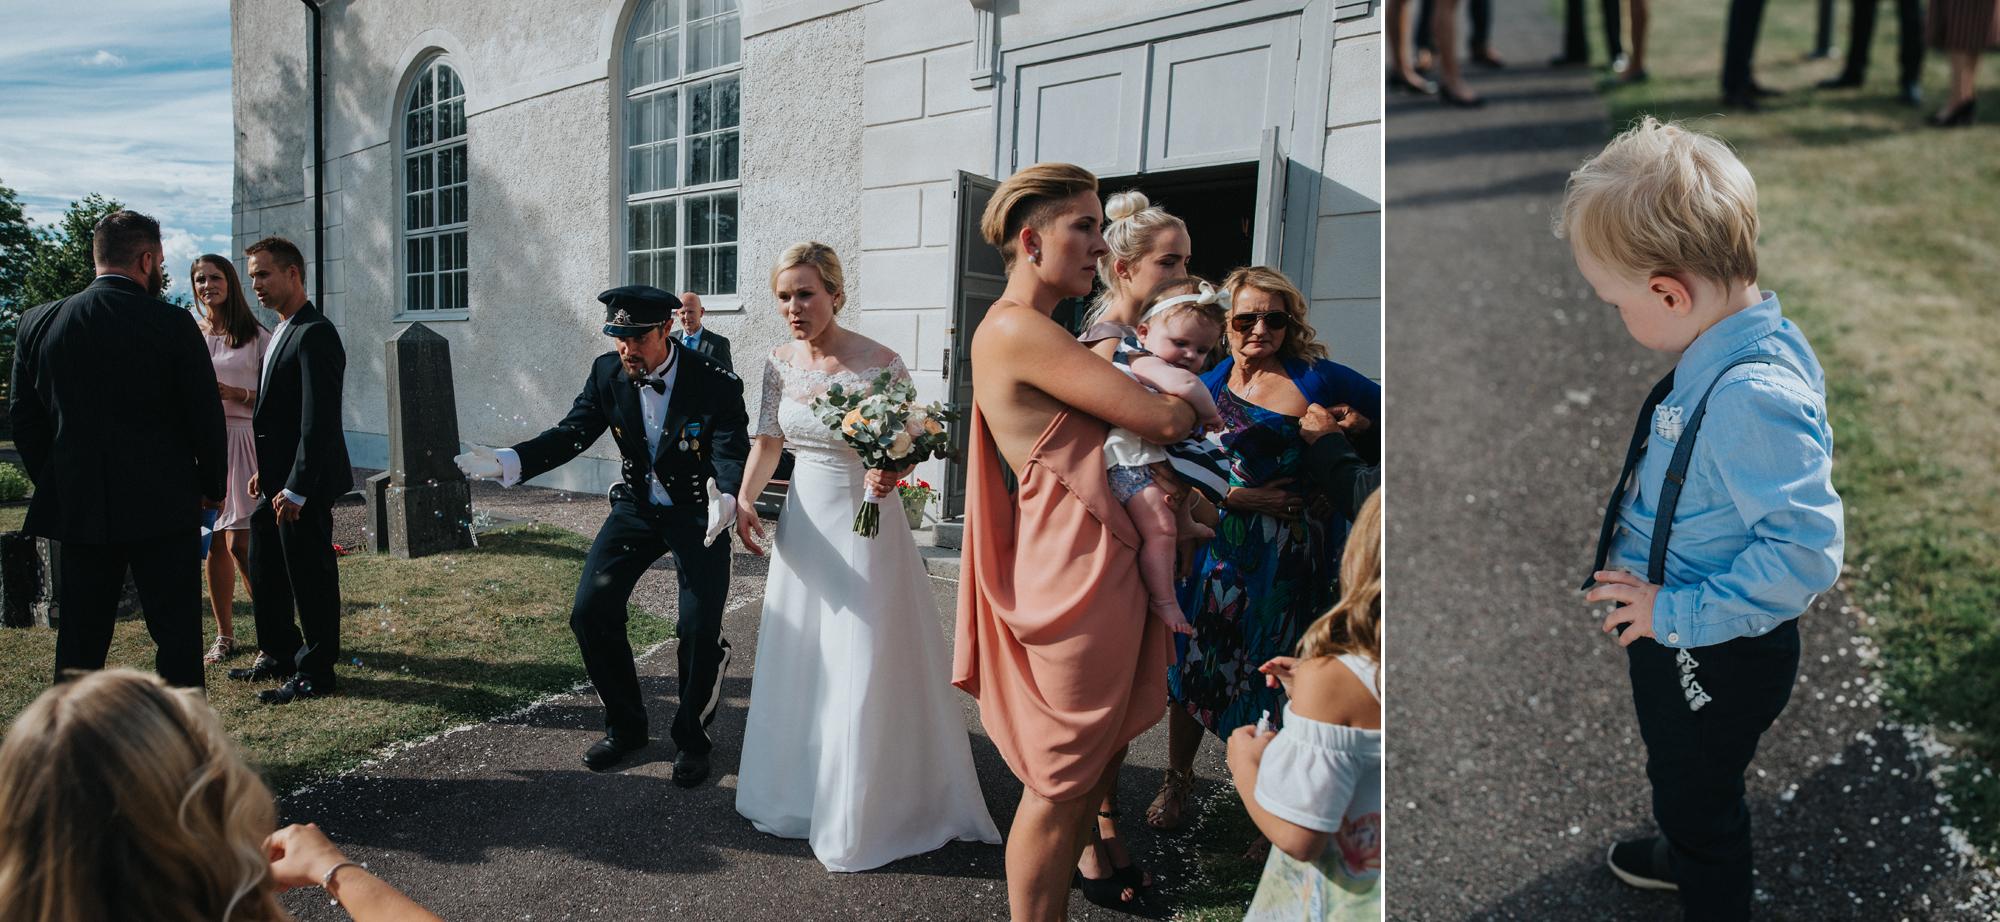 044-bröllopsfotograf-vassunda-knivsta-neas-fotografi.jpg